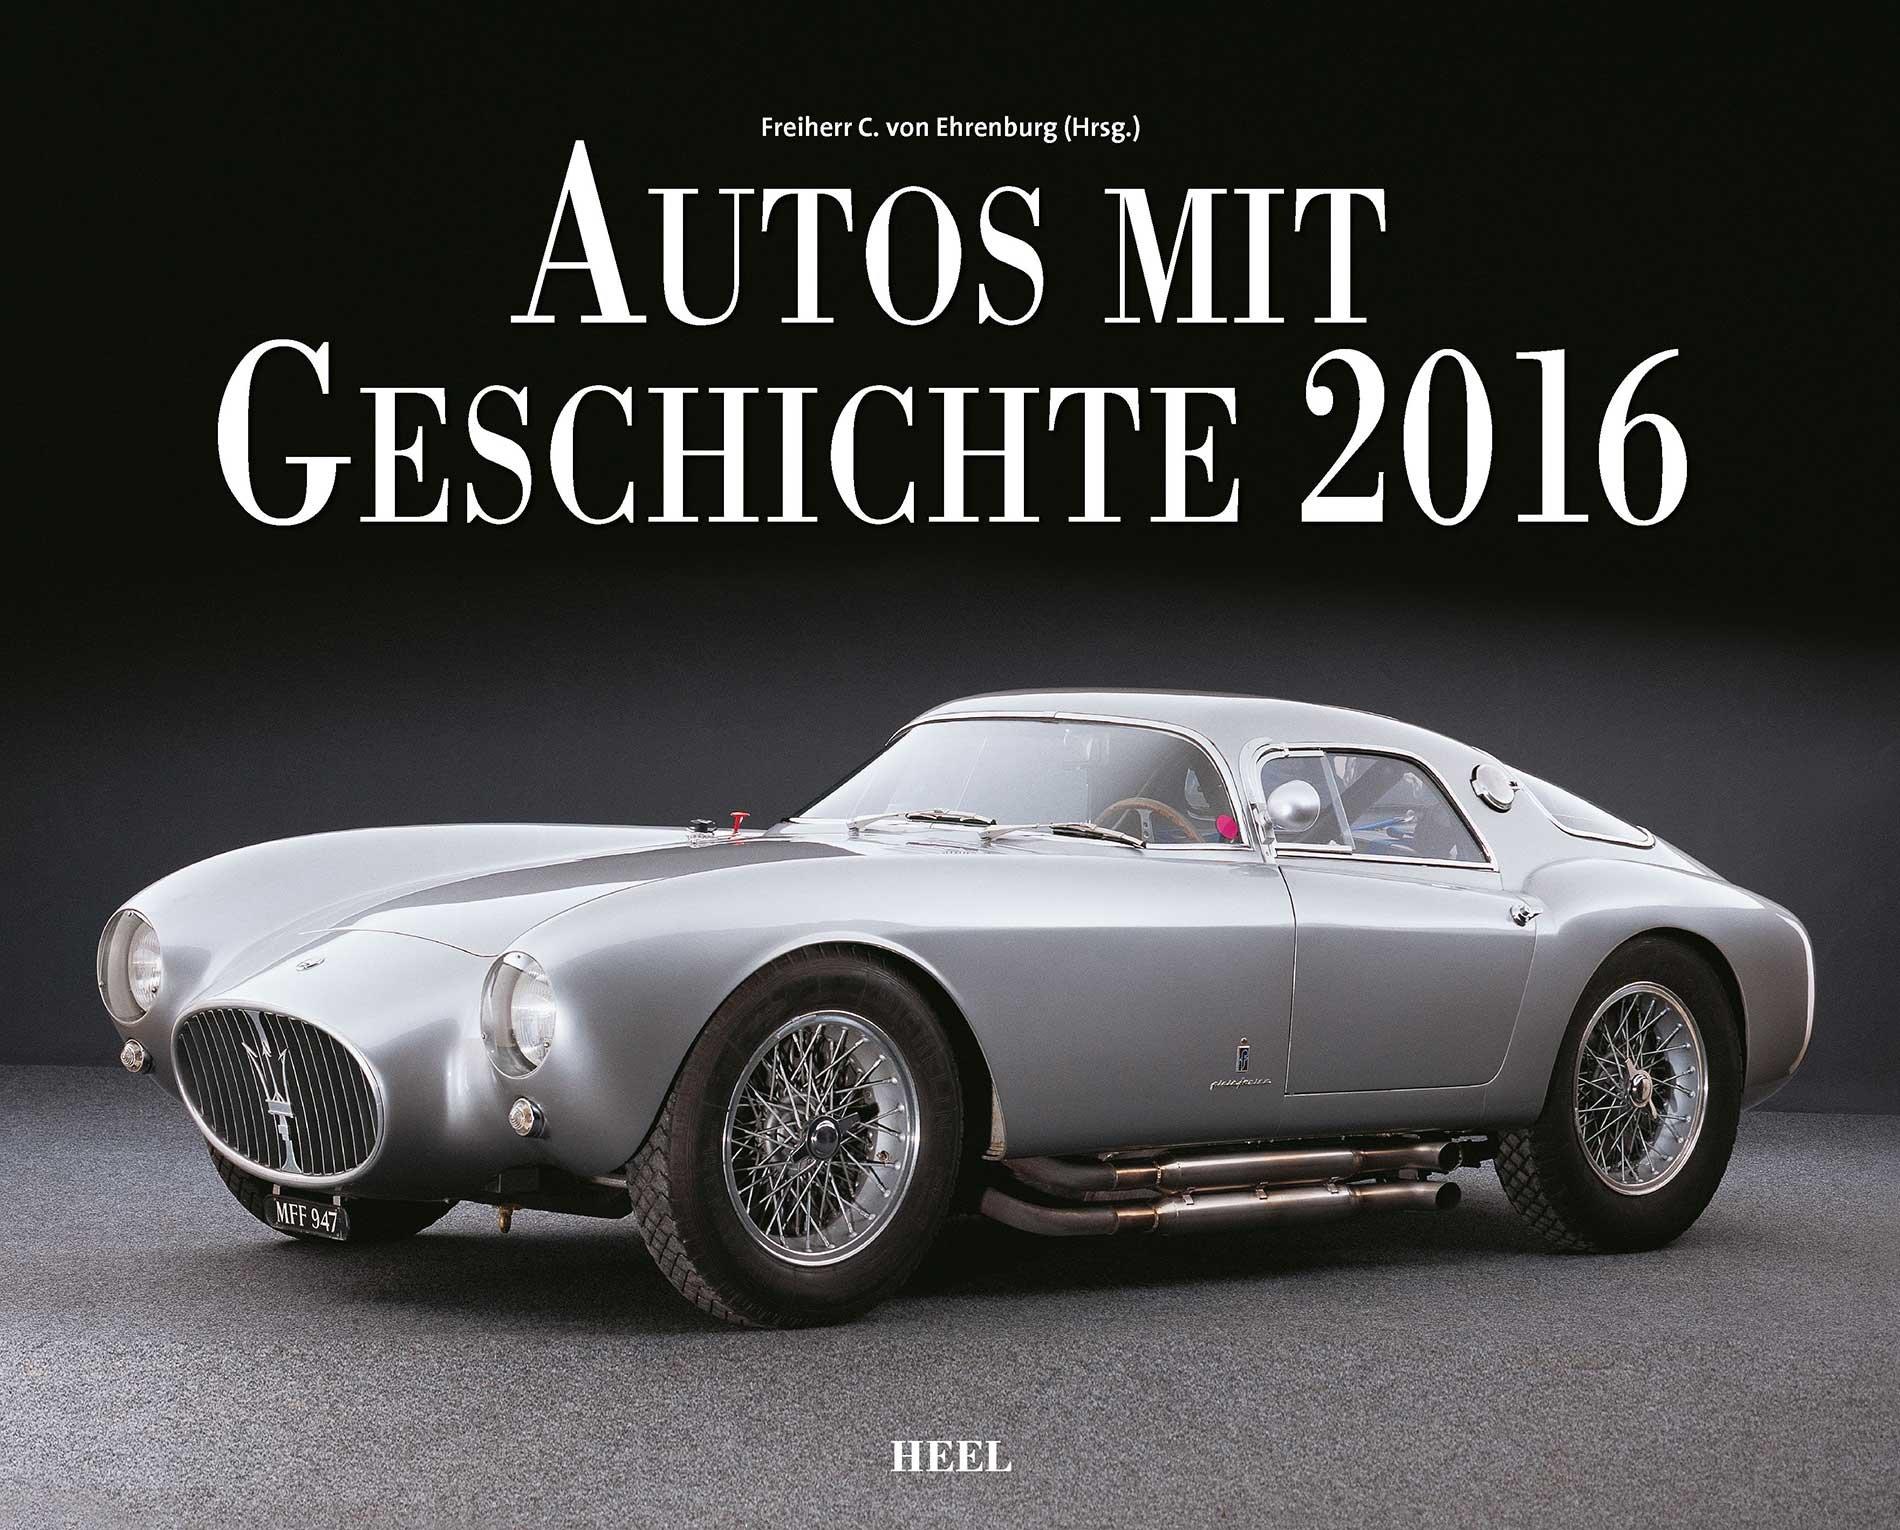 Autos mit Geschichte 2016